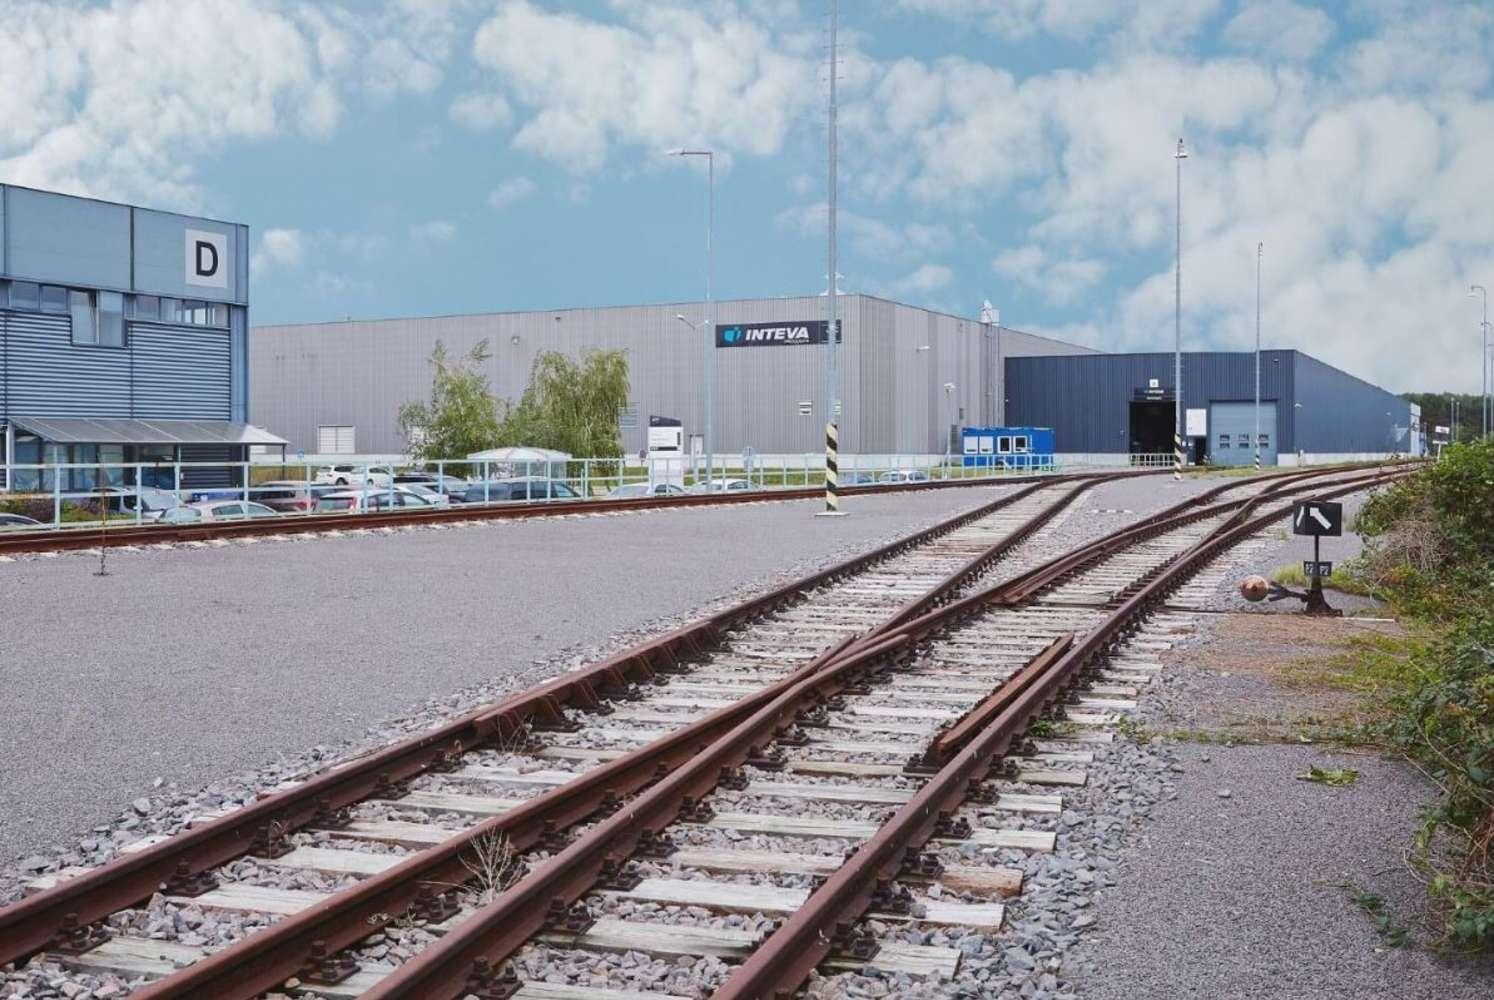 Průmyslové nemovitosti Hrušky (břeclav),  - D2 Logistics Park Břeclav